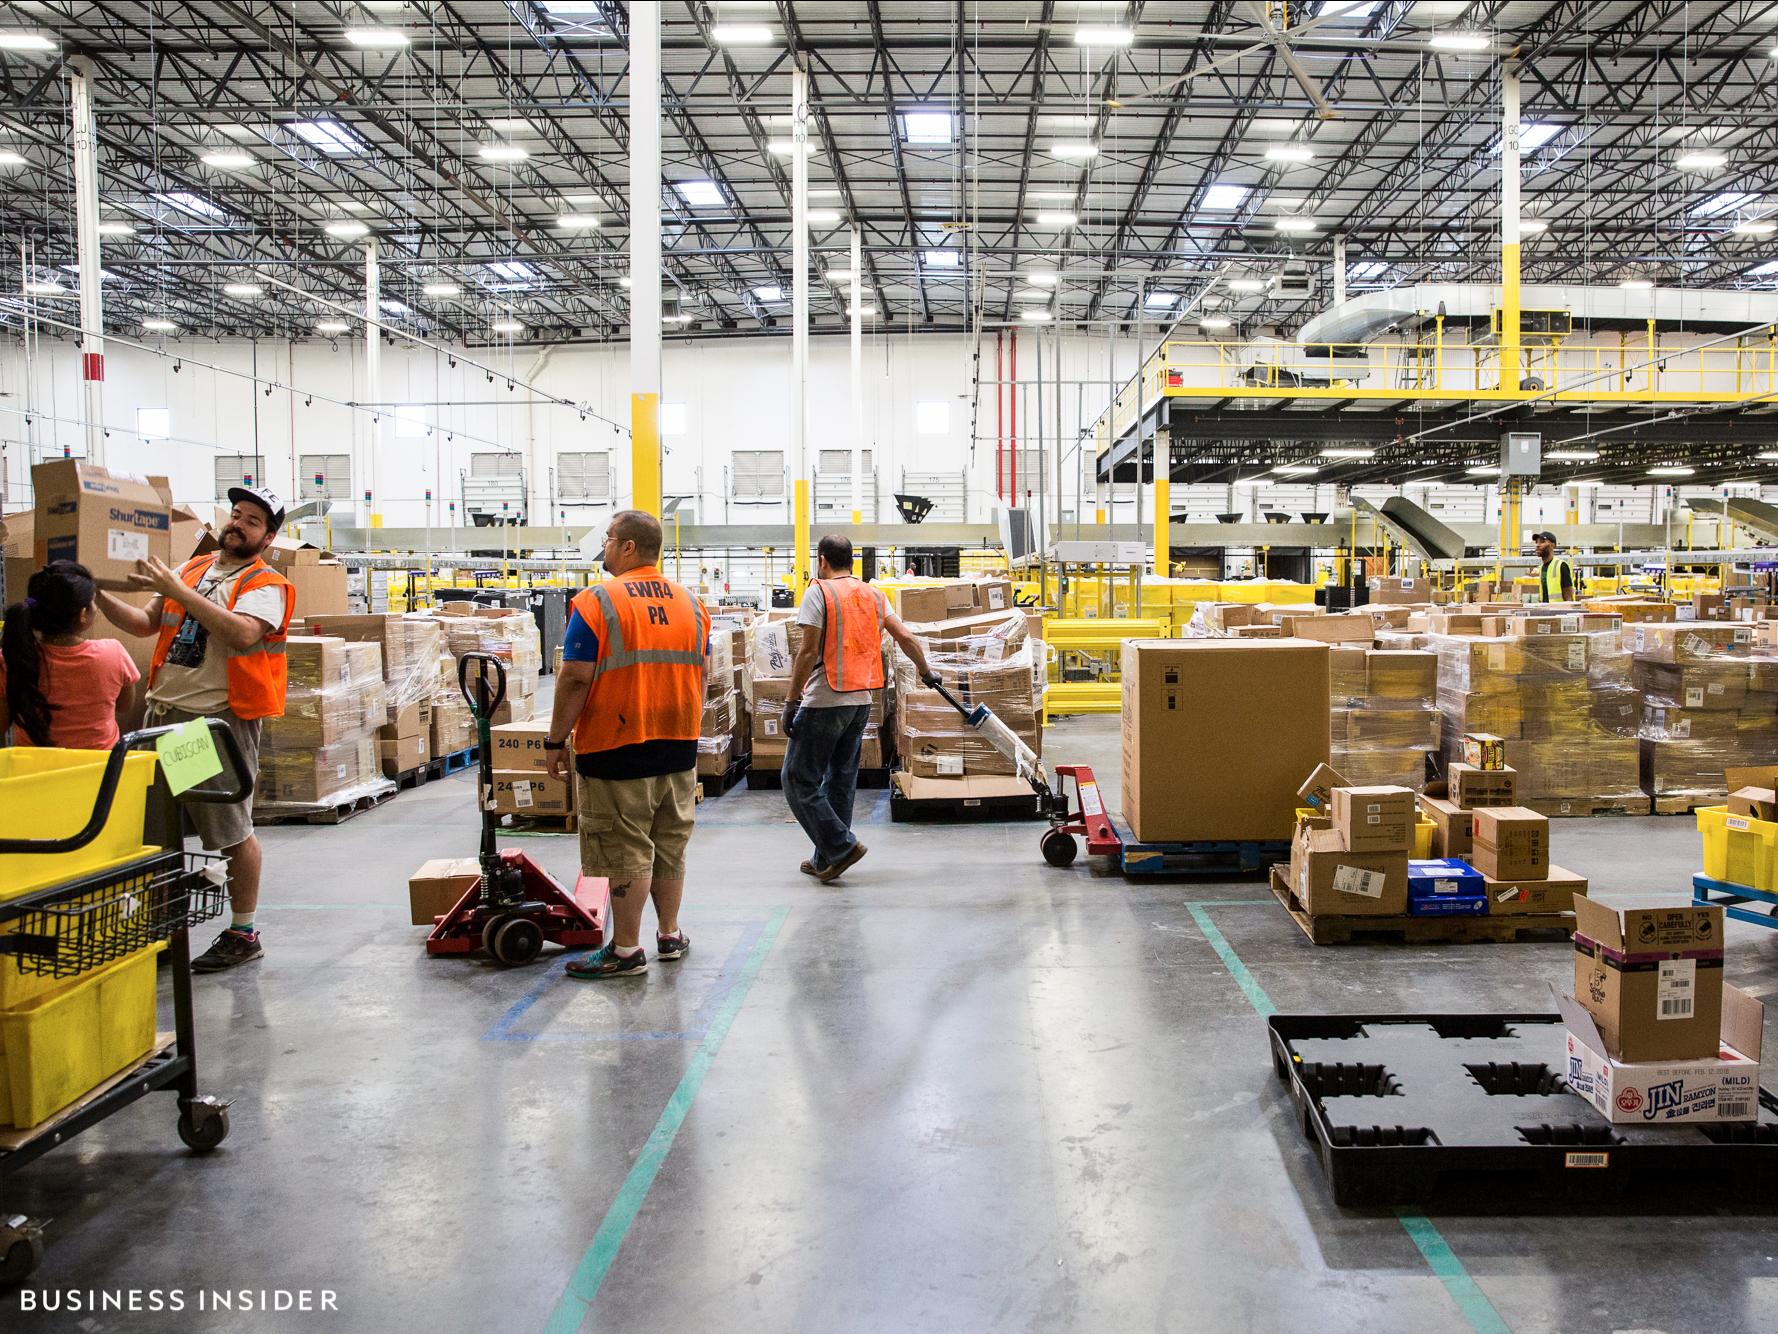 Pin On Warehouse Jobs